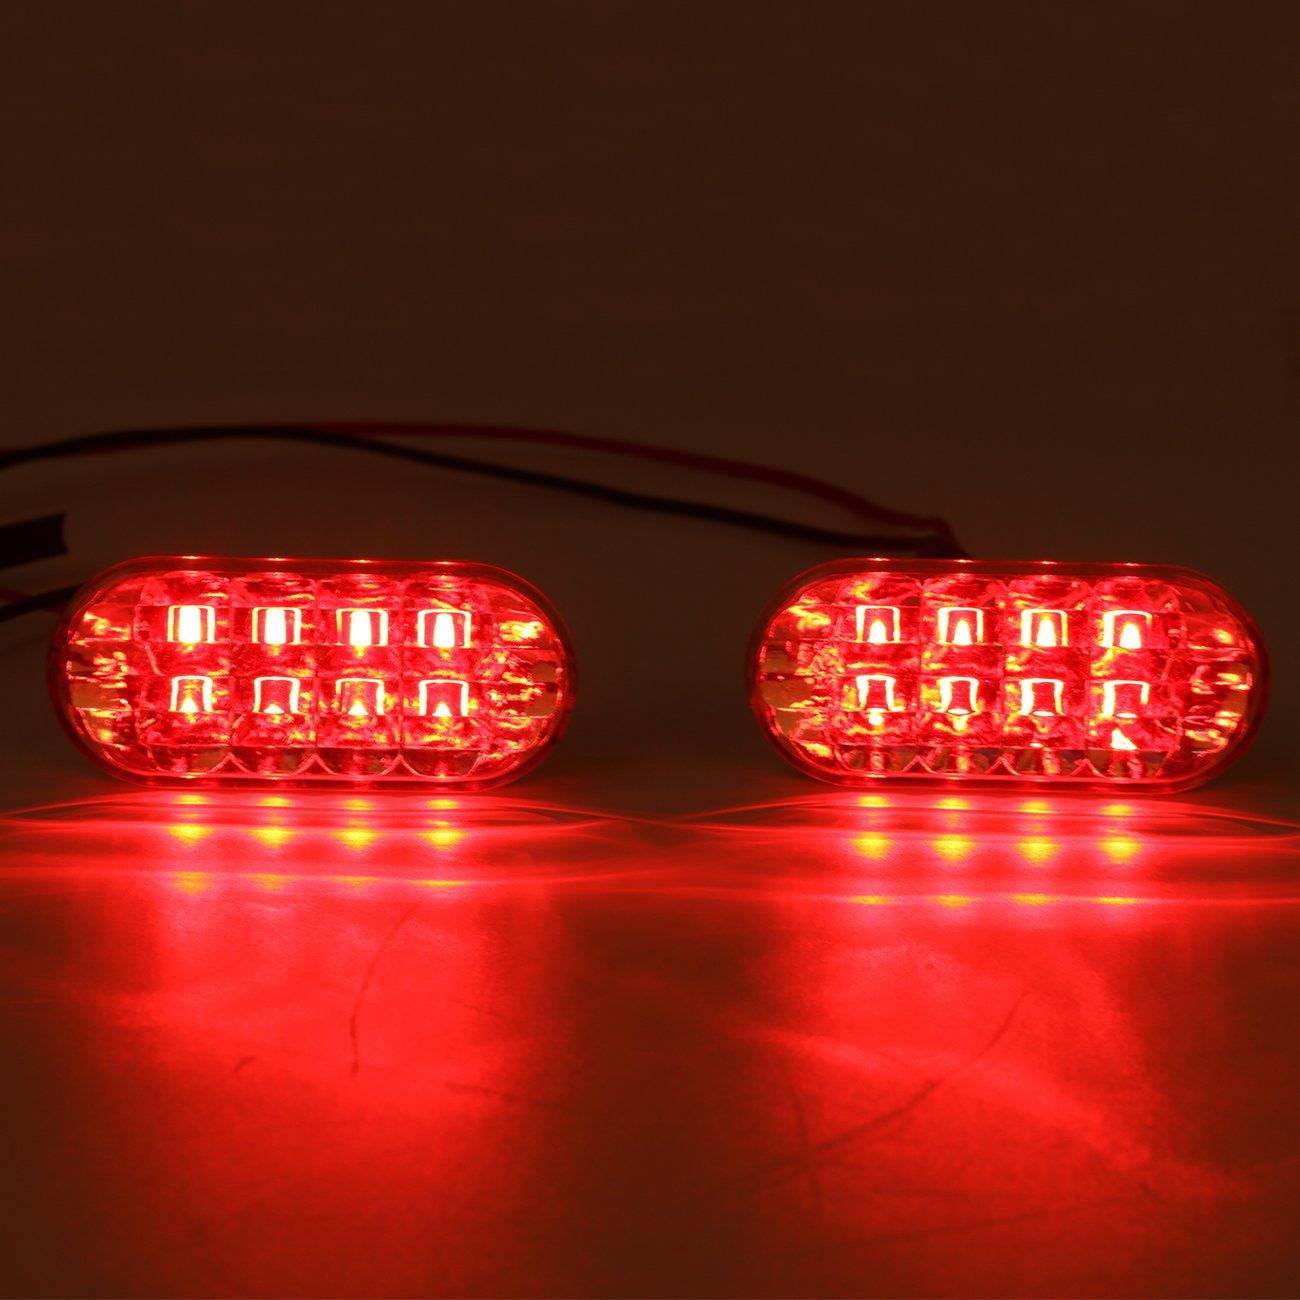 2 pcs lateral indicador Marcador repetidor luces con lente transparente y amarillo luz para VW Golf Jetta MK4 GTI B5 Passat: Amazon.es: Coche y moto